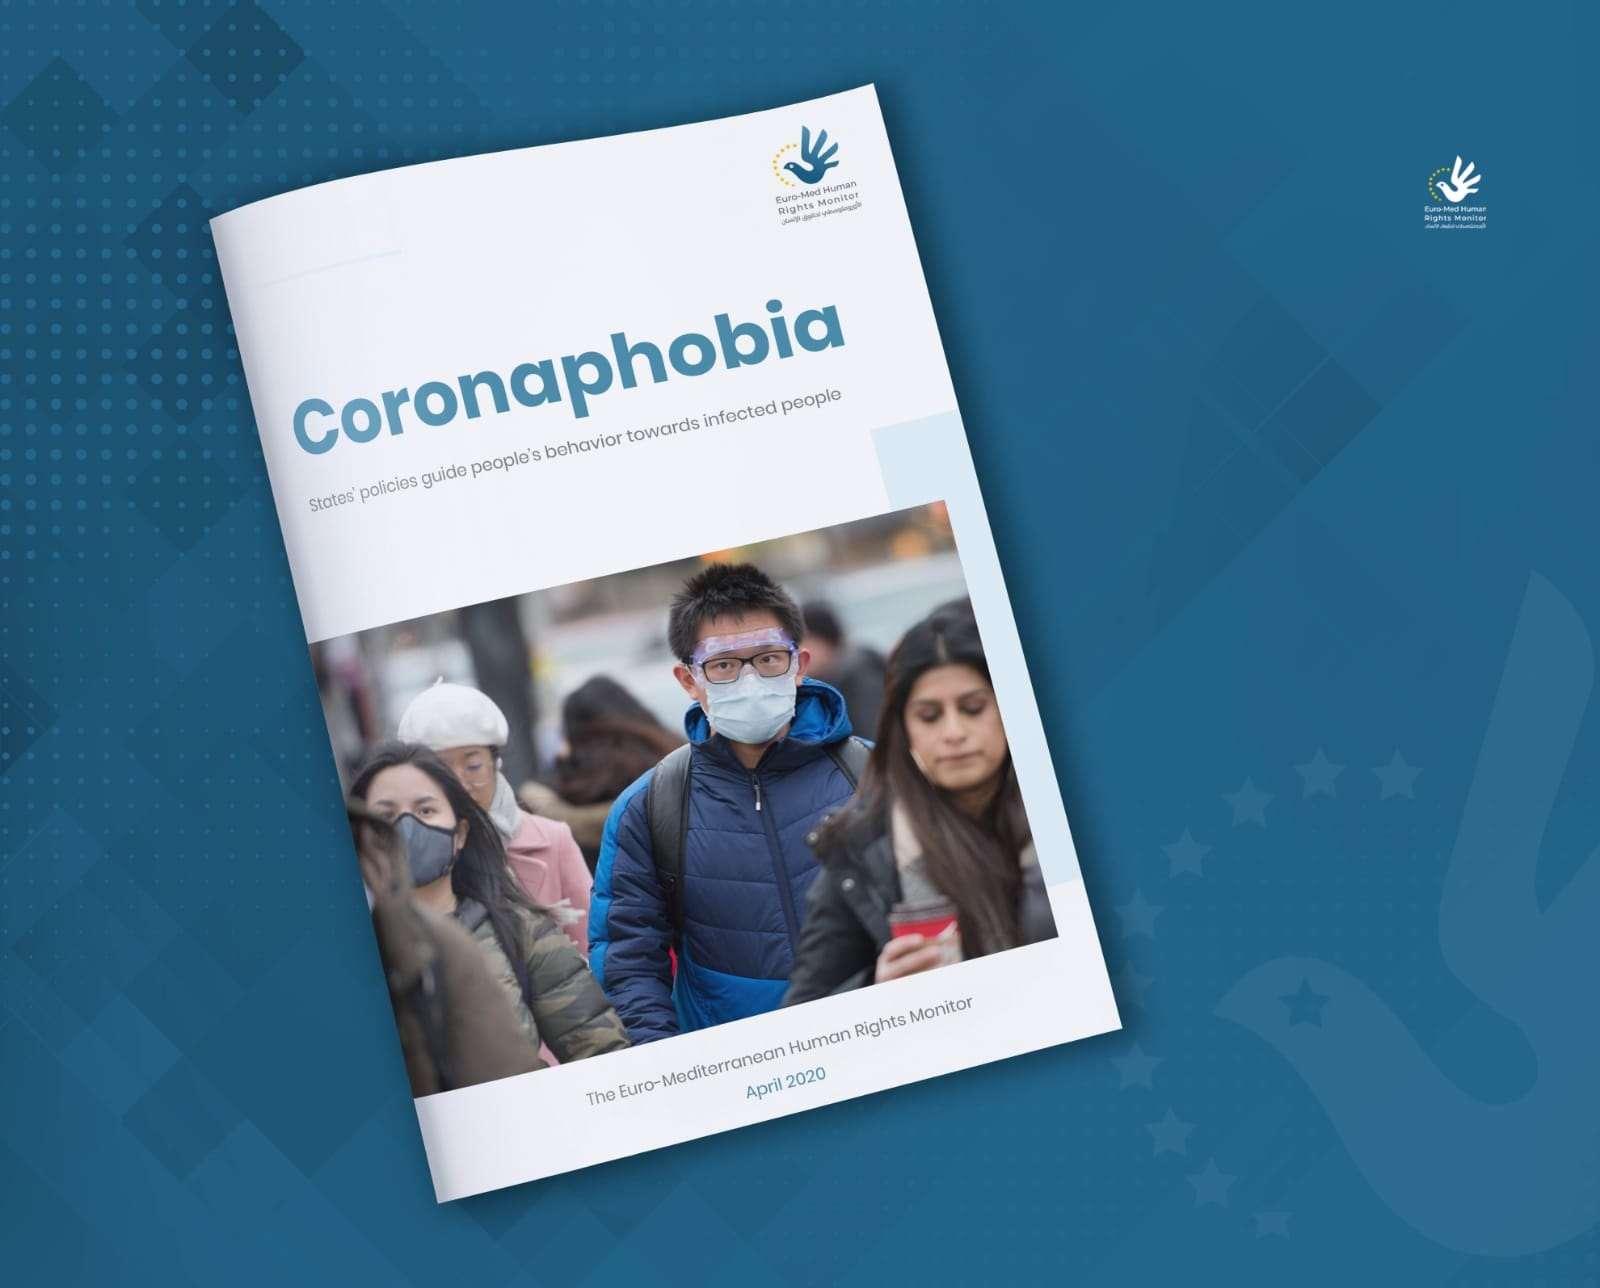 Rapport : L'intimidation xénophobe sévit durant la pandémie de coronavirus